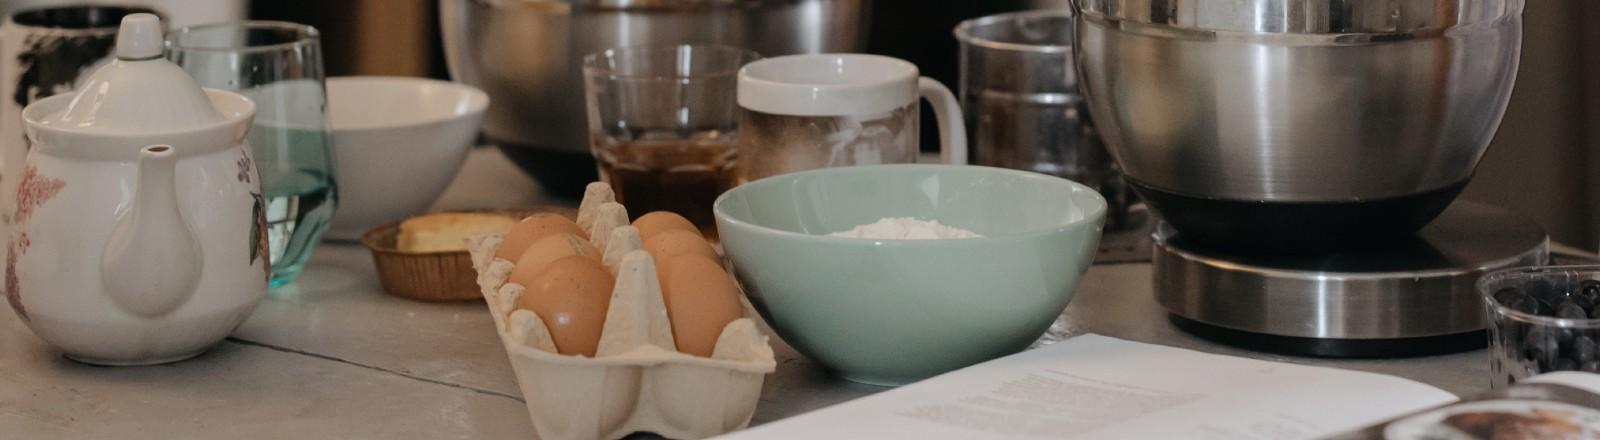 Ein Kochbuch liegt zusammen mit Zutaten in einer Küche.